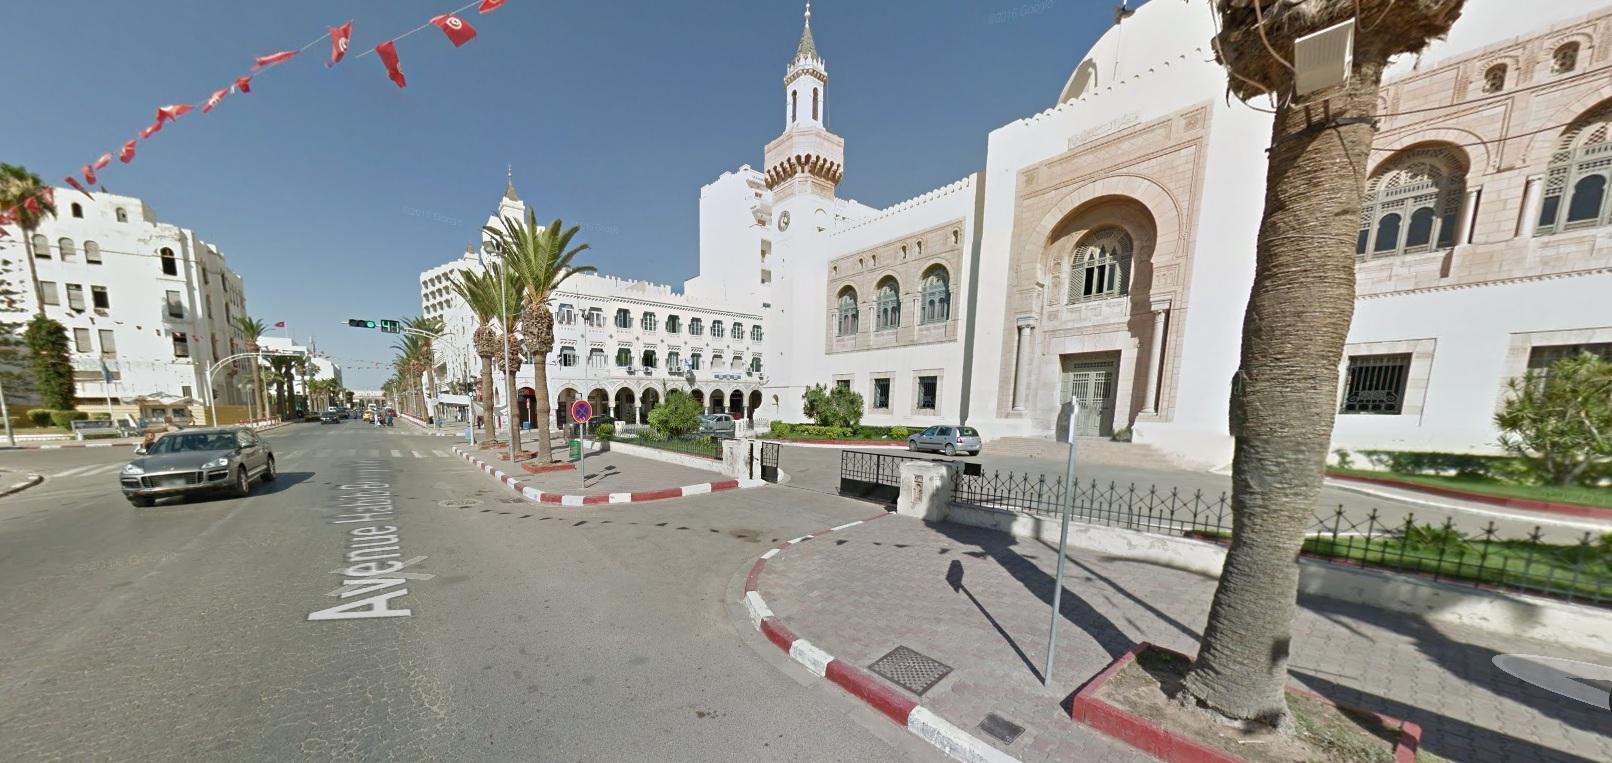 شاهد مدينة صفاقس عبر خدمة Street View